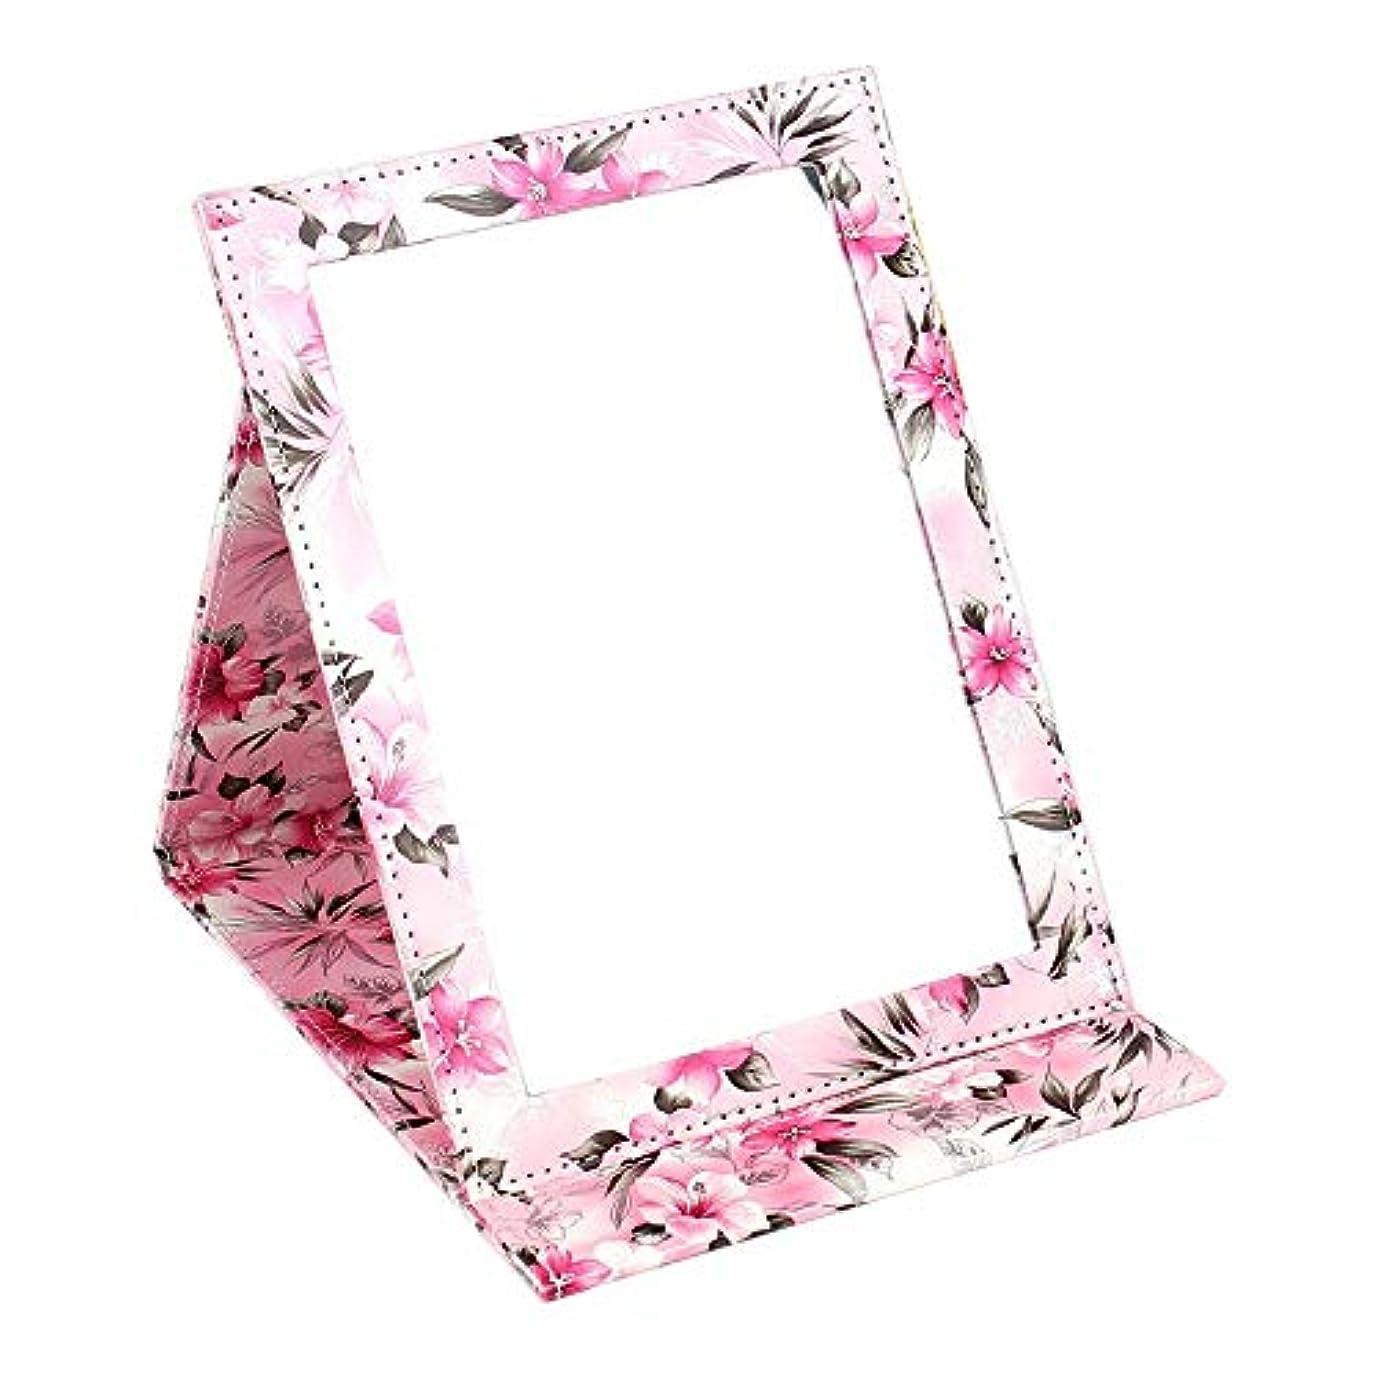 座るバイオリニスト腹痛YummyBuy 化粧ミラー 折りたたみ ミラー 鏡 卓上 化粧 化粧鏡 角度調整自由自在 上質PUレザー使用(クロコダイル?パターン、2サイズ) (大きなサイズ, ハッピーカラー)